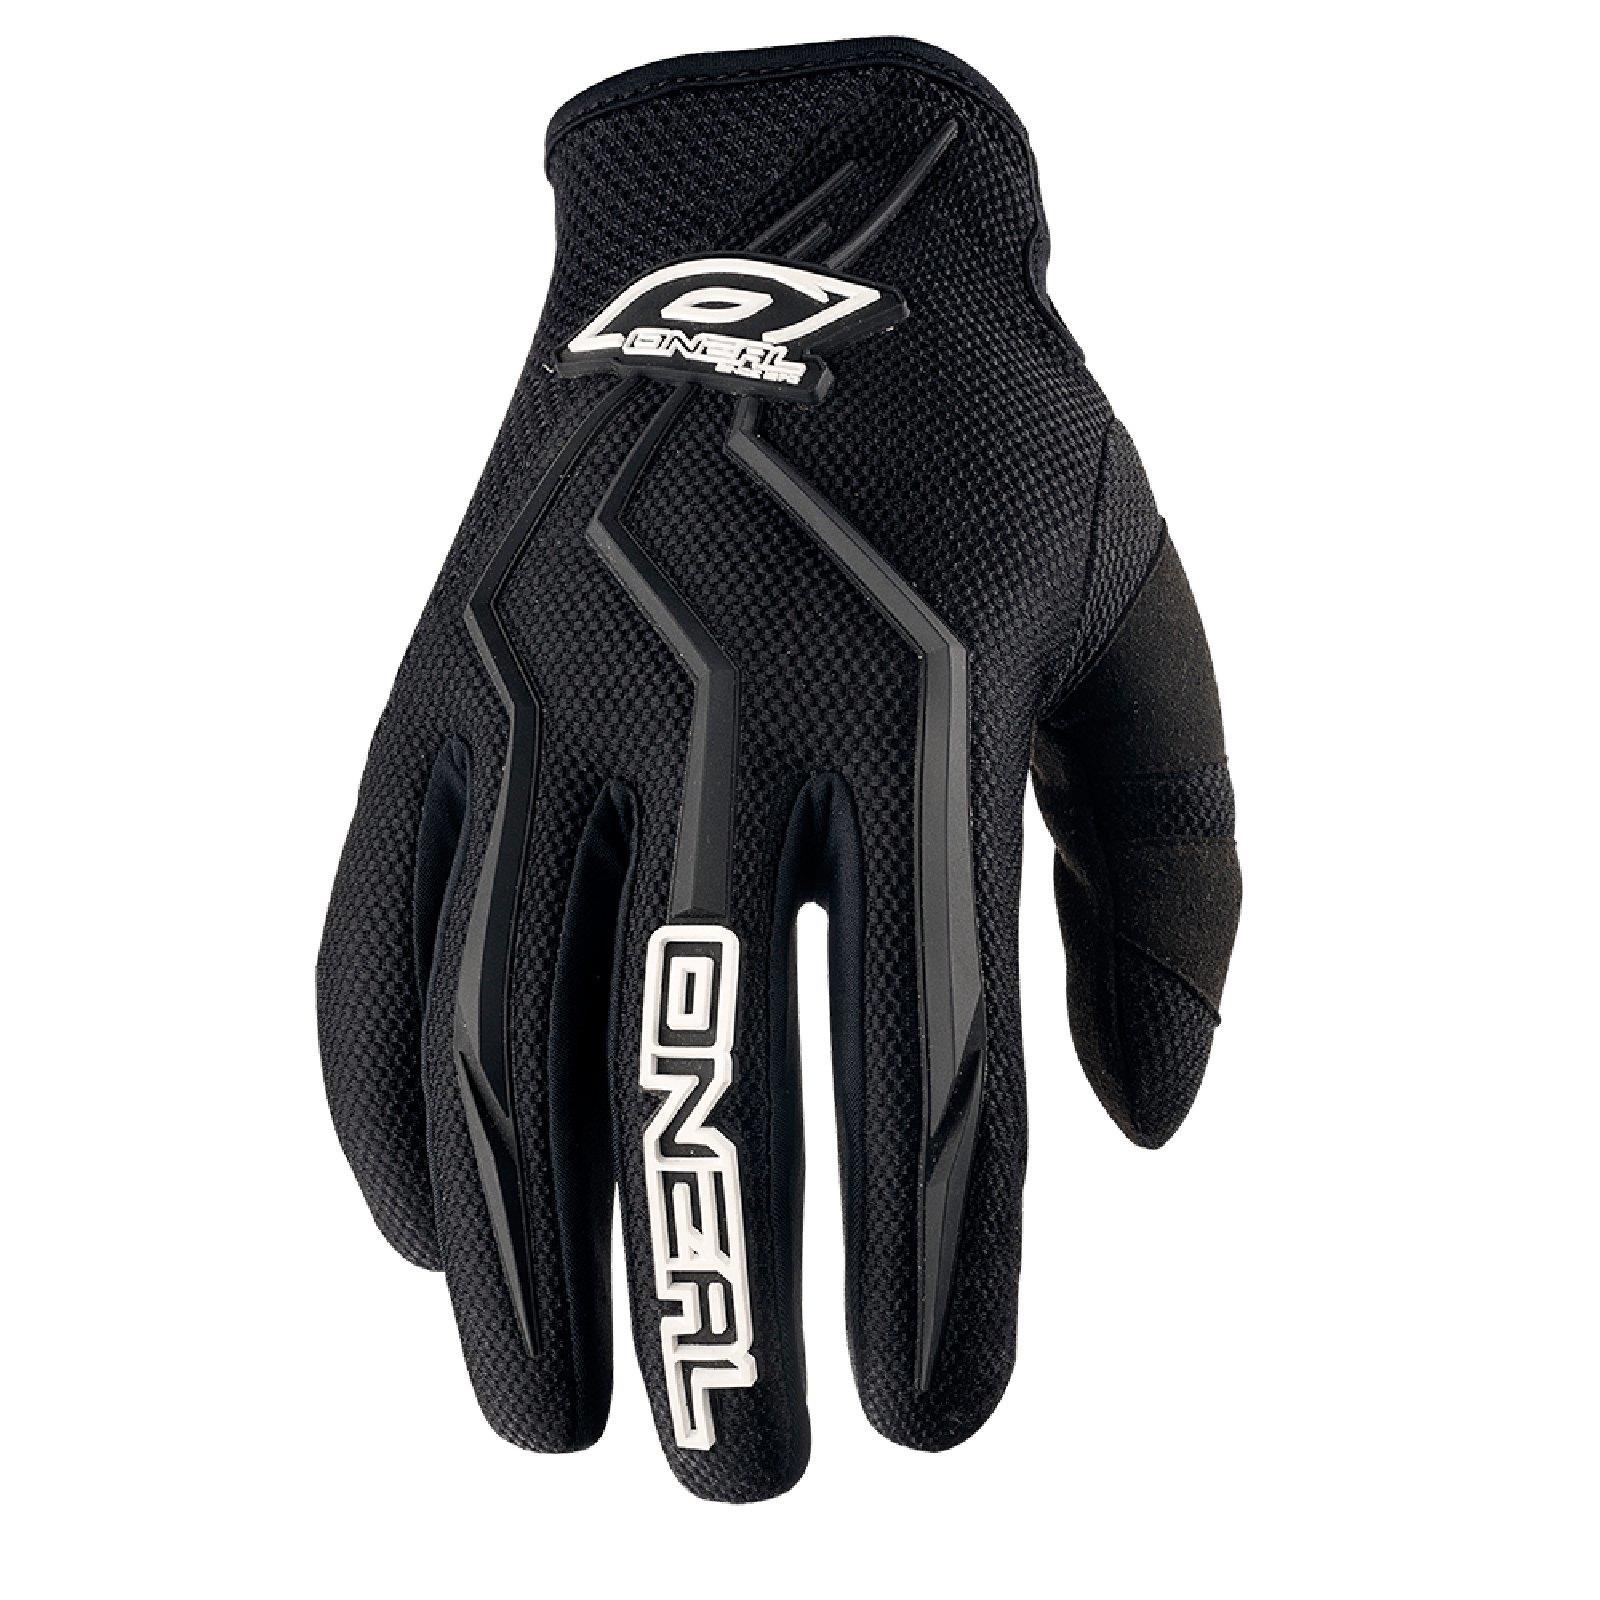 Oneal-elemento-MX-guantes-motocross-SX-enduro-Cross-moto-todo-terreno-todoterreno miniatura 2